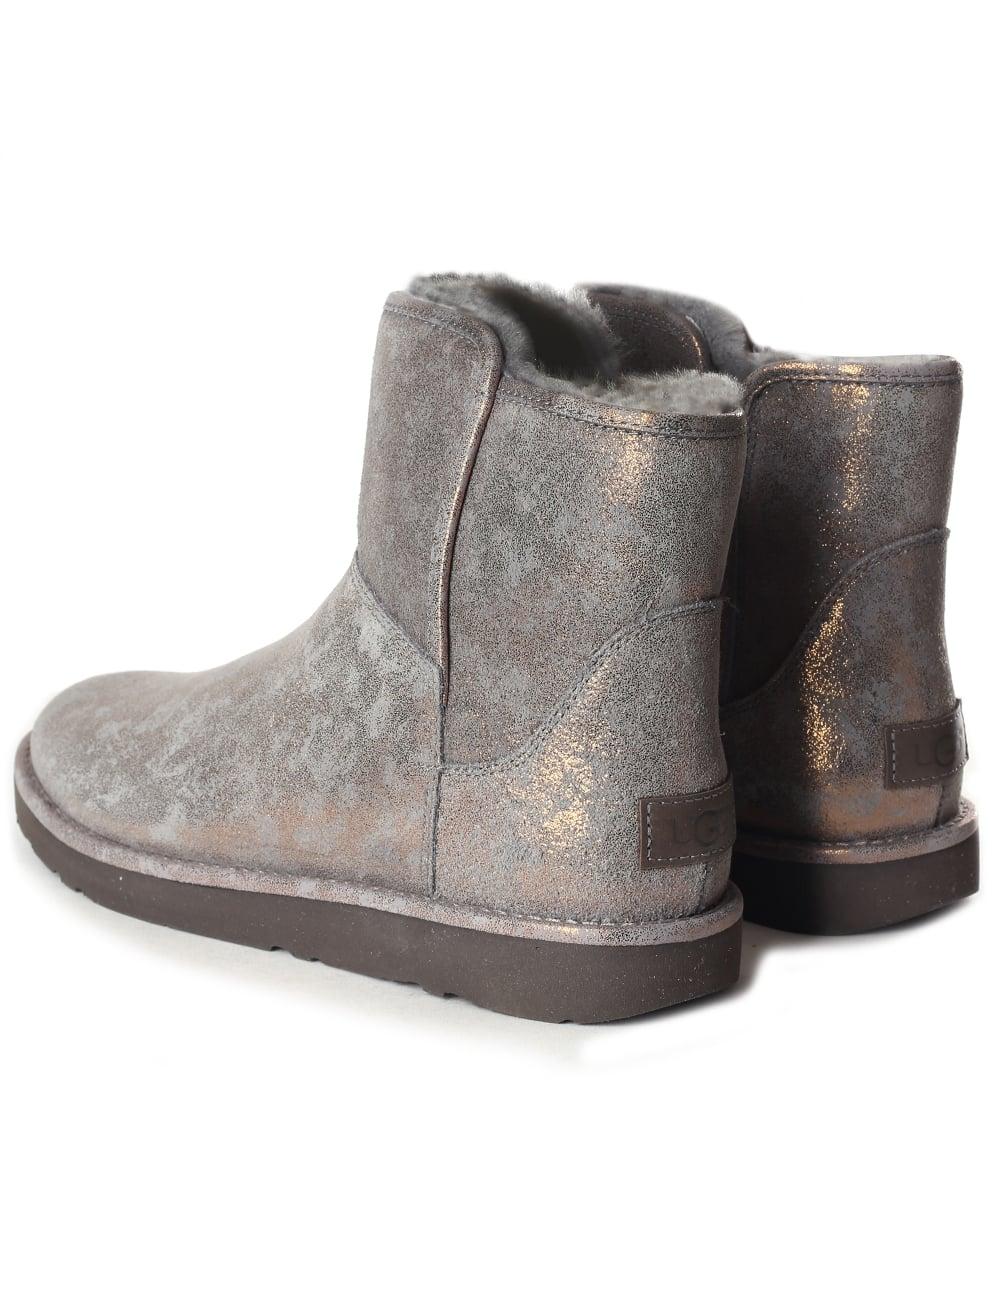 4a6914c62 Abree Women's Mini Stardust Boot